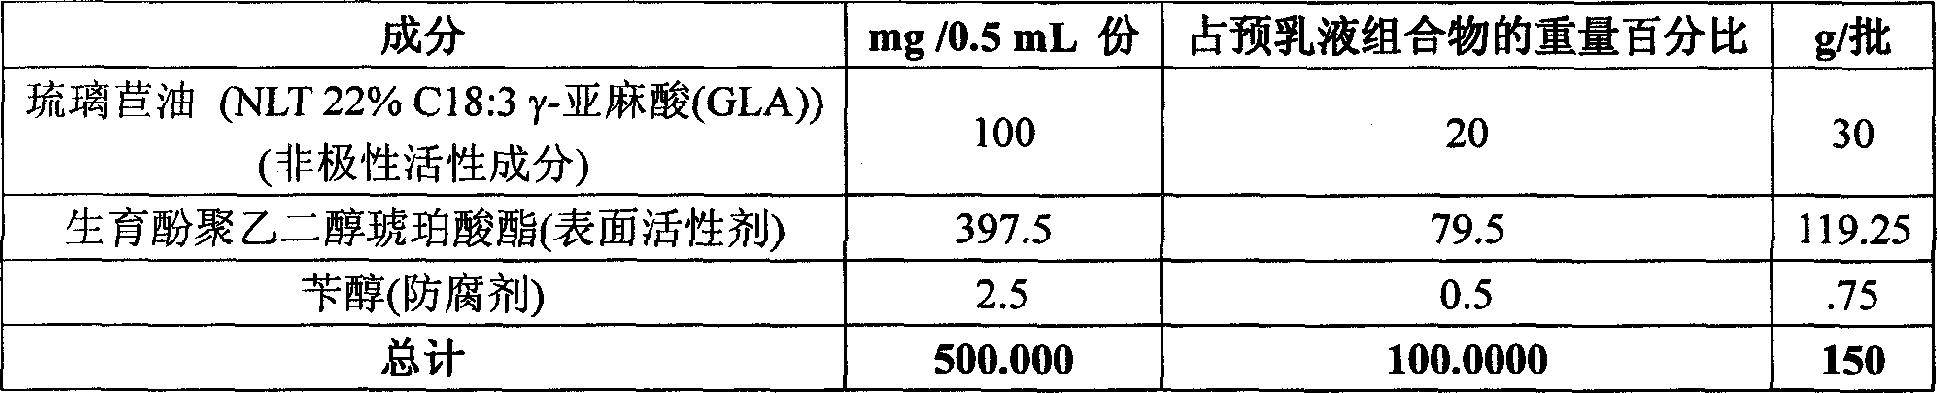 Figure CN102036661BD00863